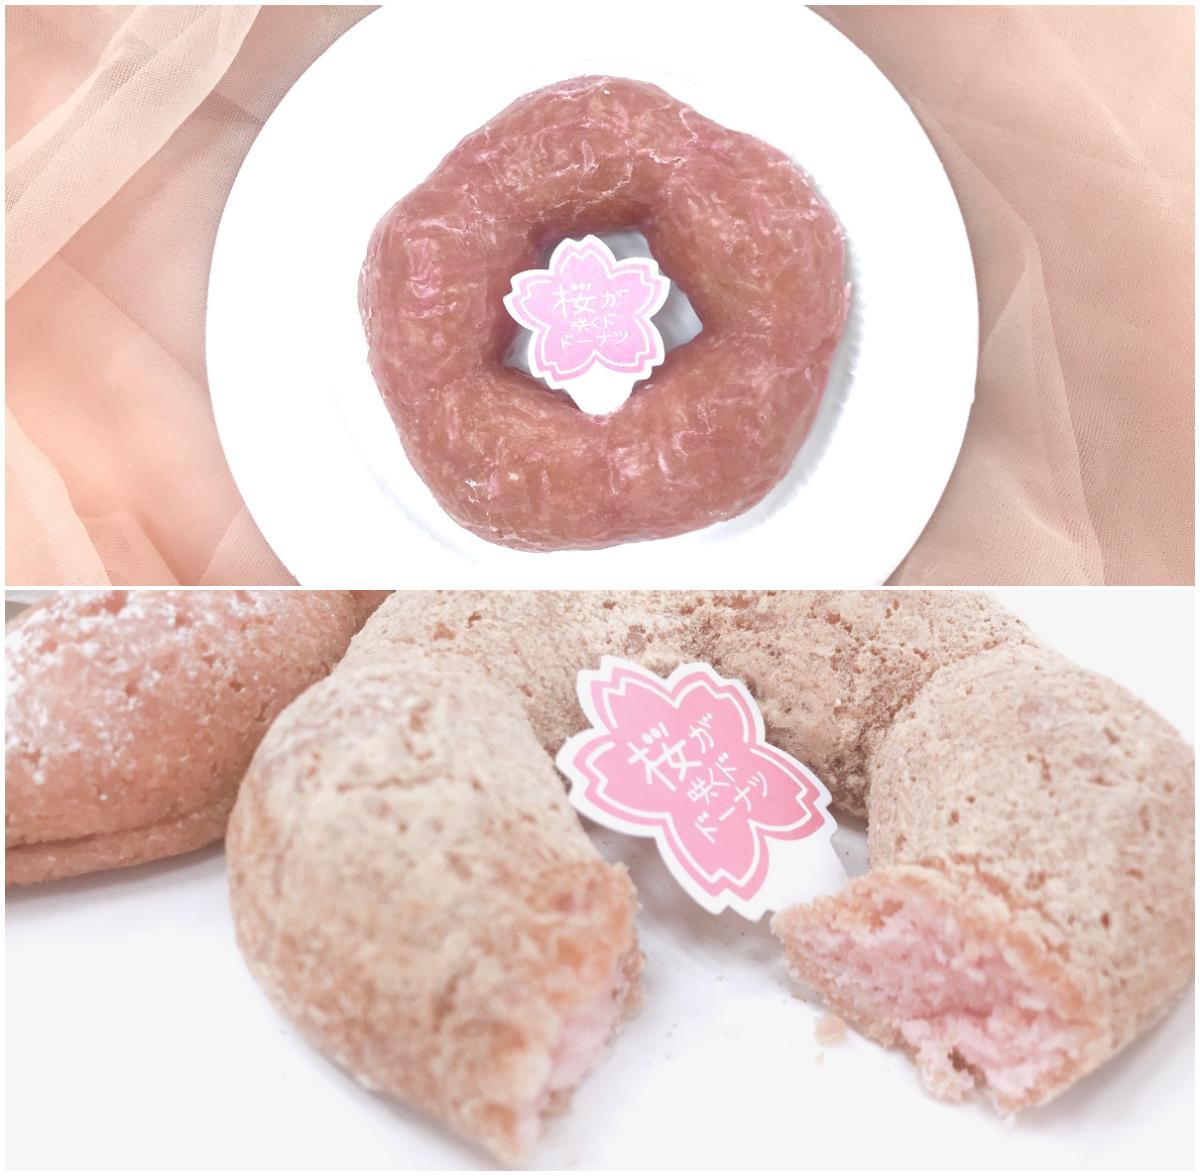 【ミスド 新作】「桜が咲くドドーナツシリーズ」6品を食べてみた♡ お花見のおやつにもおすすめ! _3